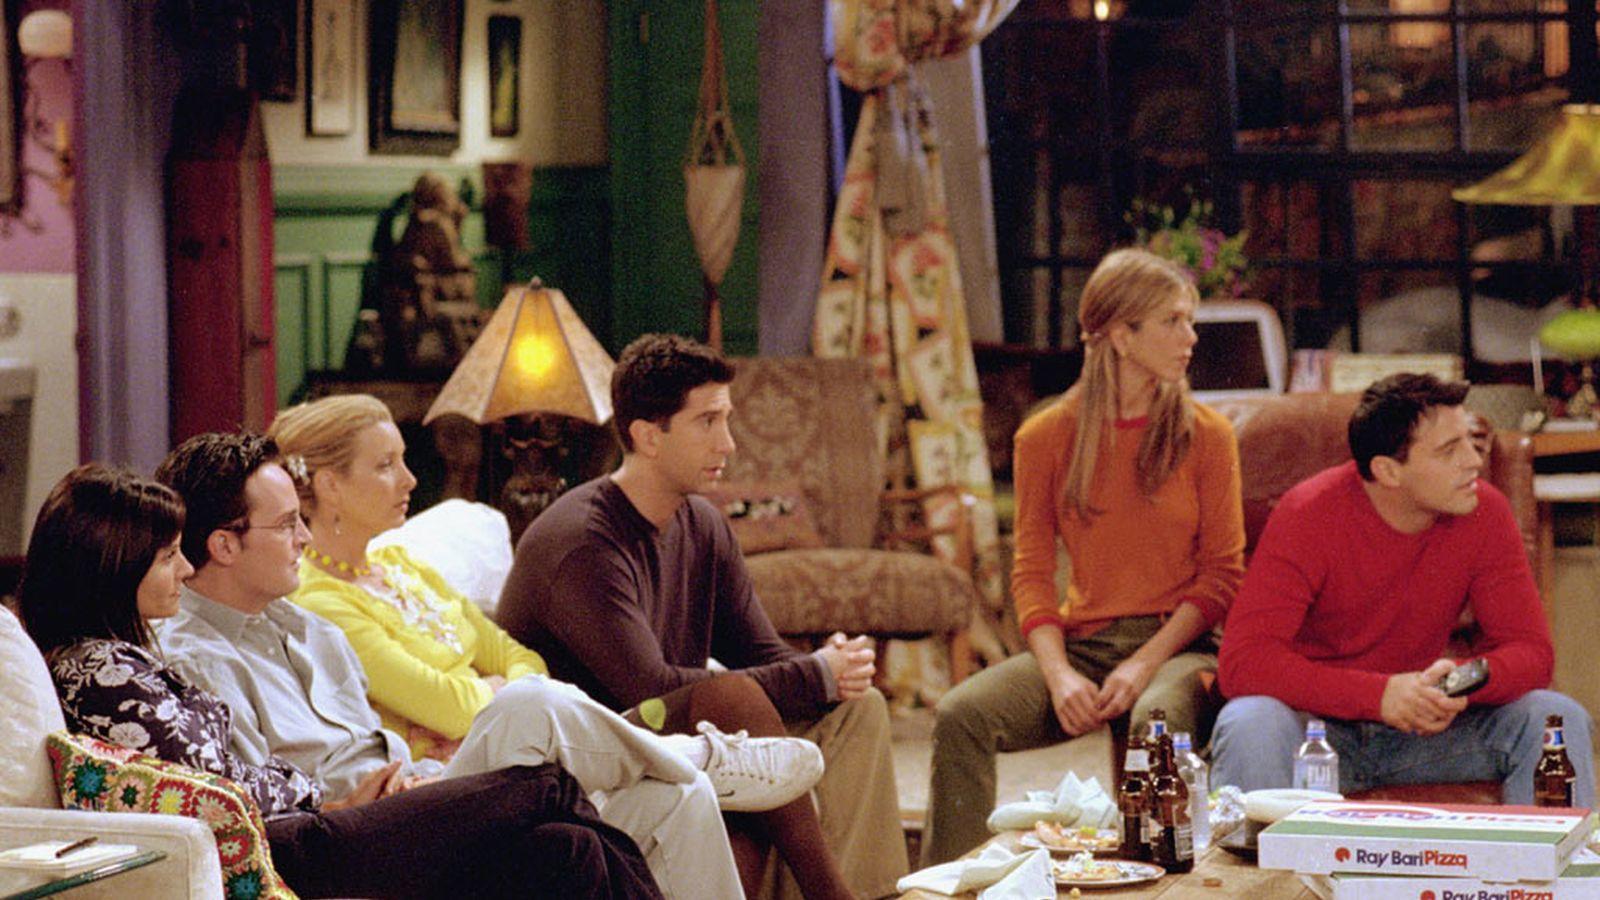 Az évadok alatt megváltozott a szemben lévő ház, így Ross nem költözhetett be a Ronda Pucér Pasi eredeti lakhelyére...